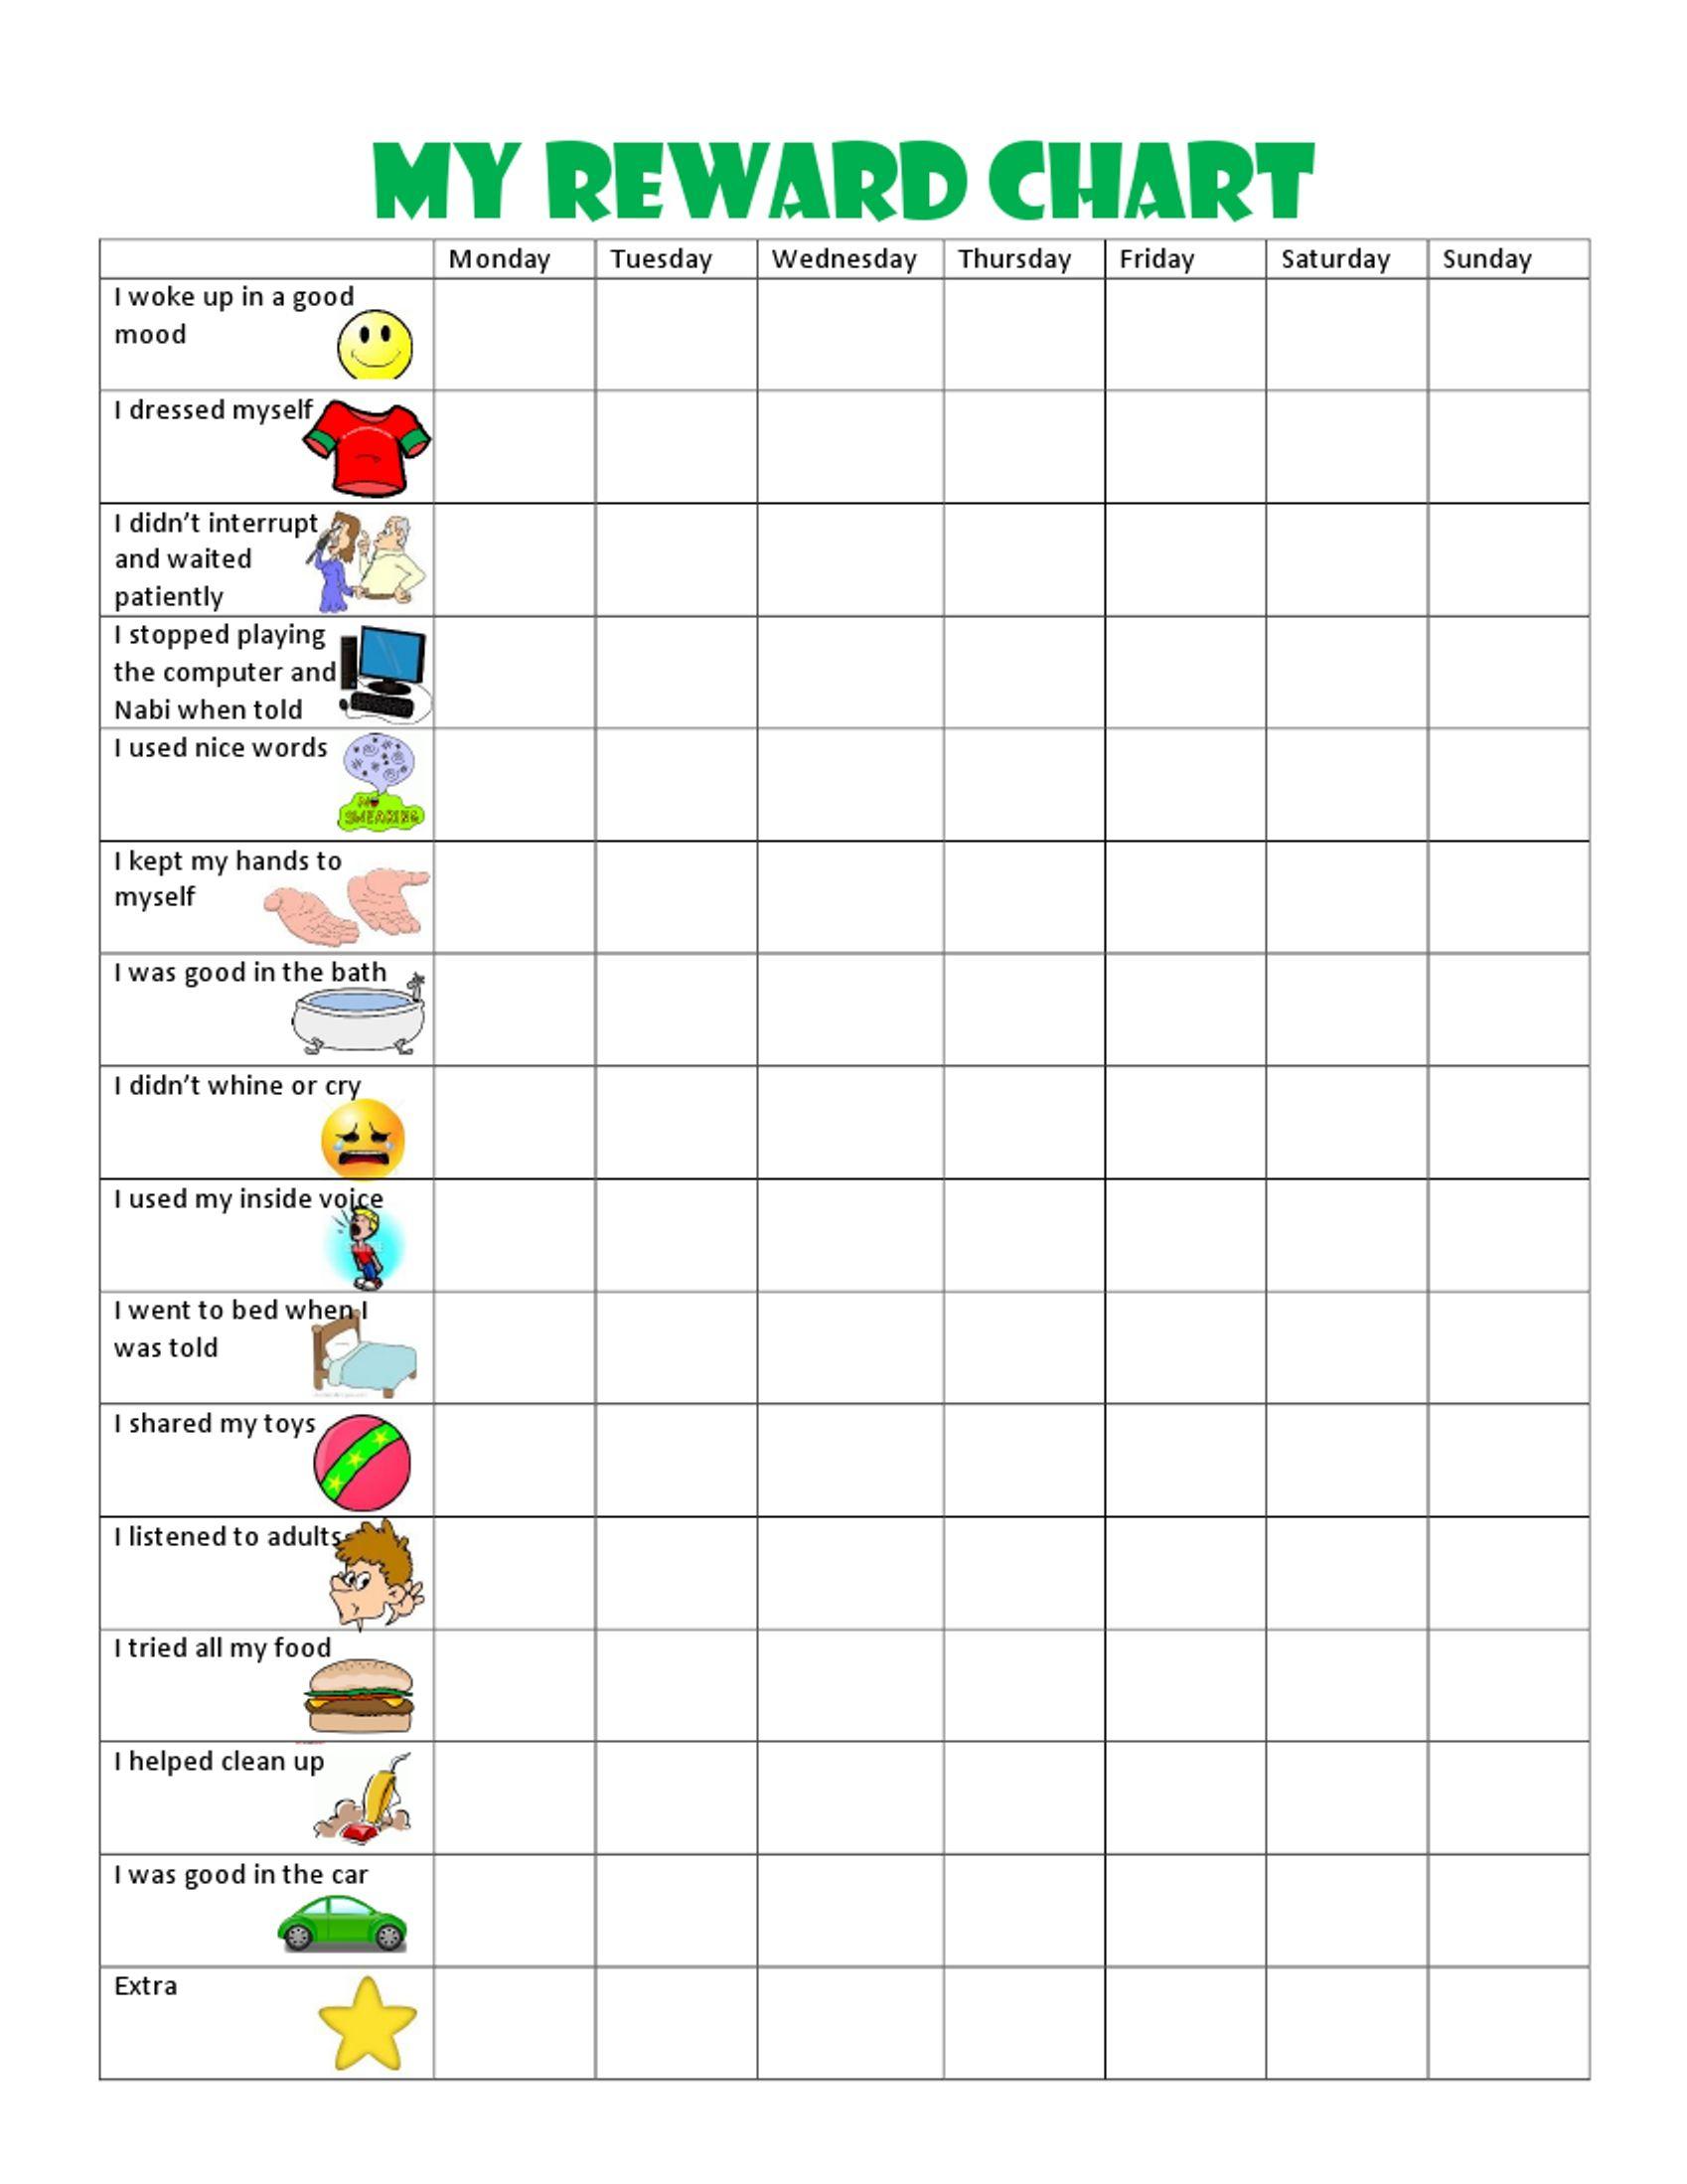 Image Result For Free Printable Behavior Charts For 6 Year Olds - Free Printable Reward Charts For 2 Year Olds